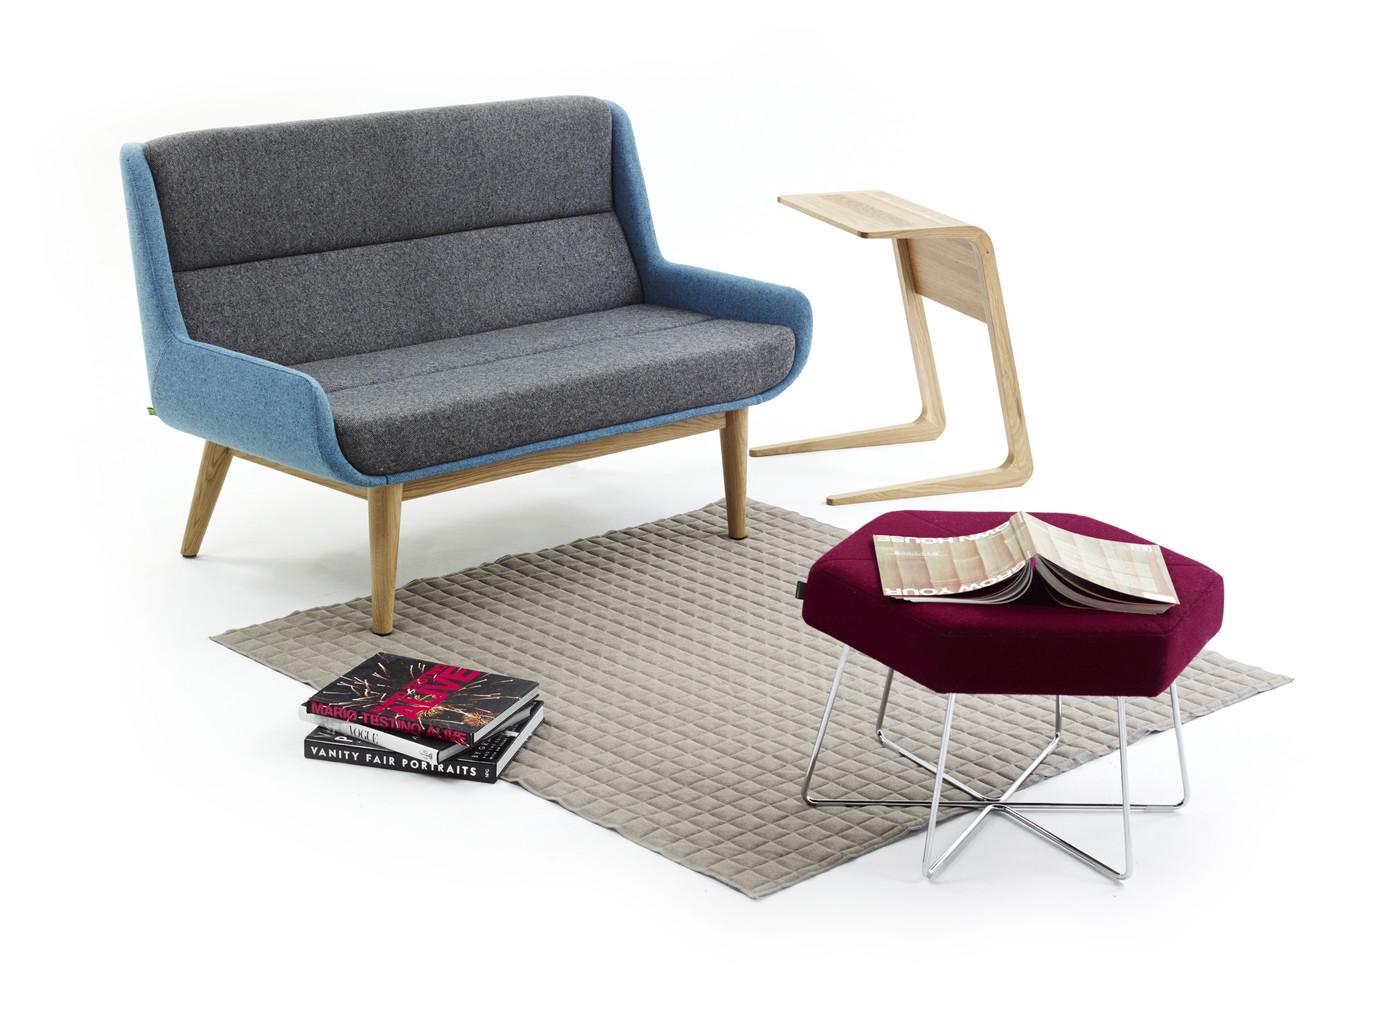 1-Silla-Lounge-Sofa-Hush-Low-Hero-1380